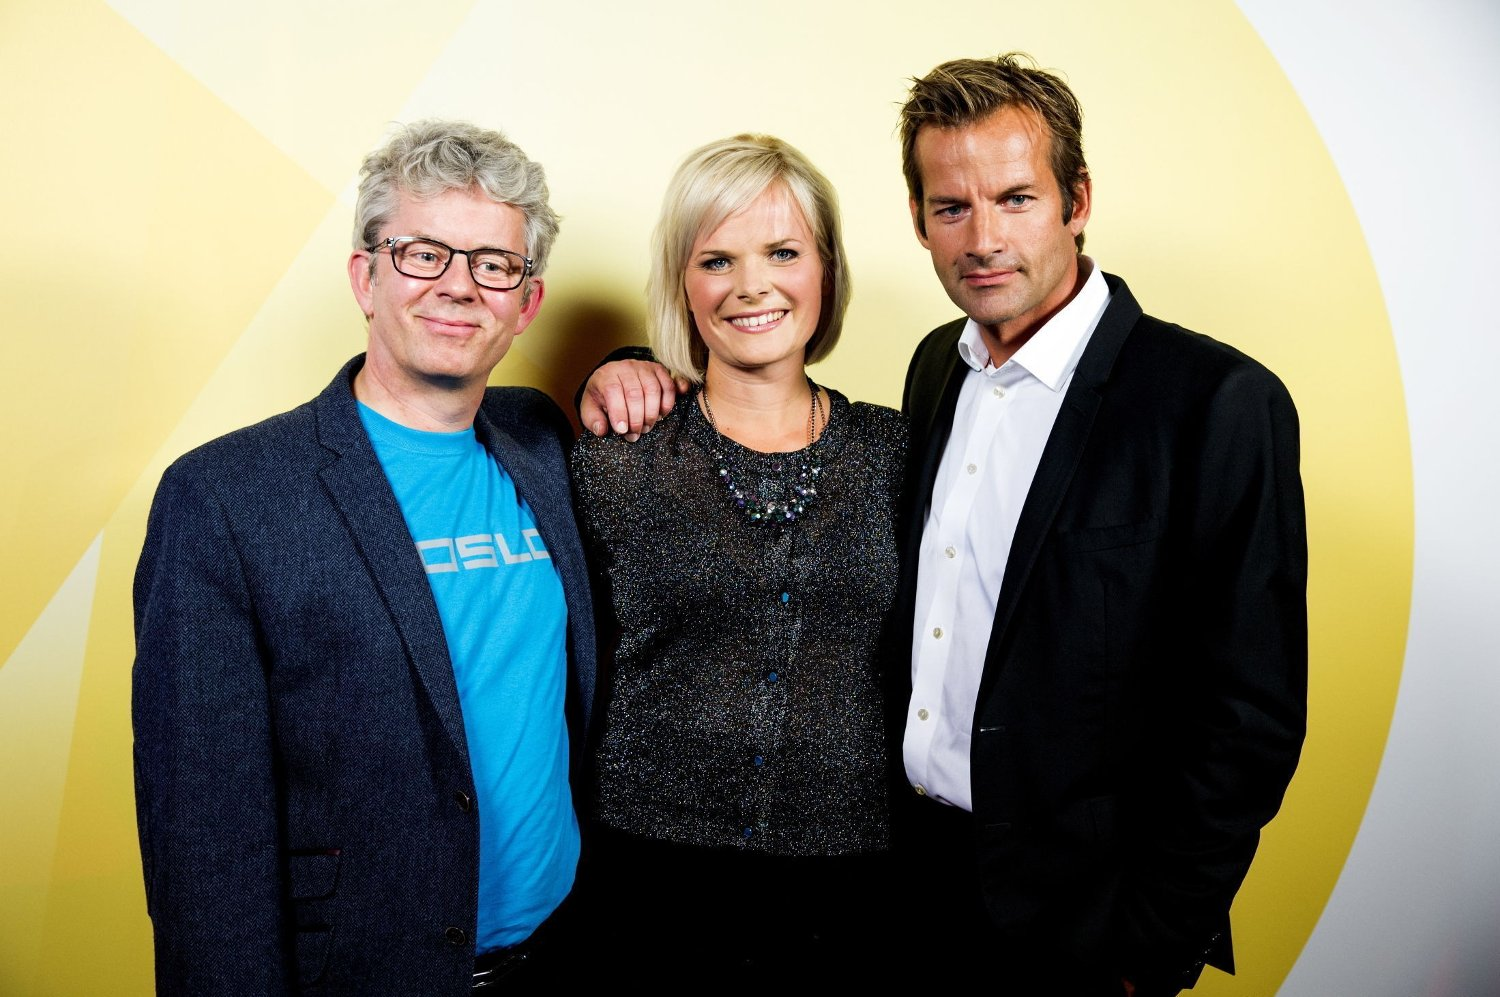 FENGER FÆRRE: Knut Nærum (f.v.), Ingrid Gjessing Linhave og Jon Almaas sørger fortsatt for solide seertall med «Nytt på nytt», men kanalen de sender på er i ferd med å miste fart.